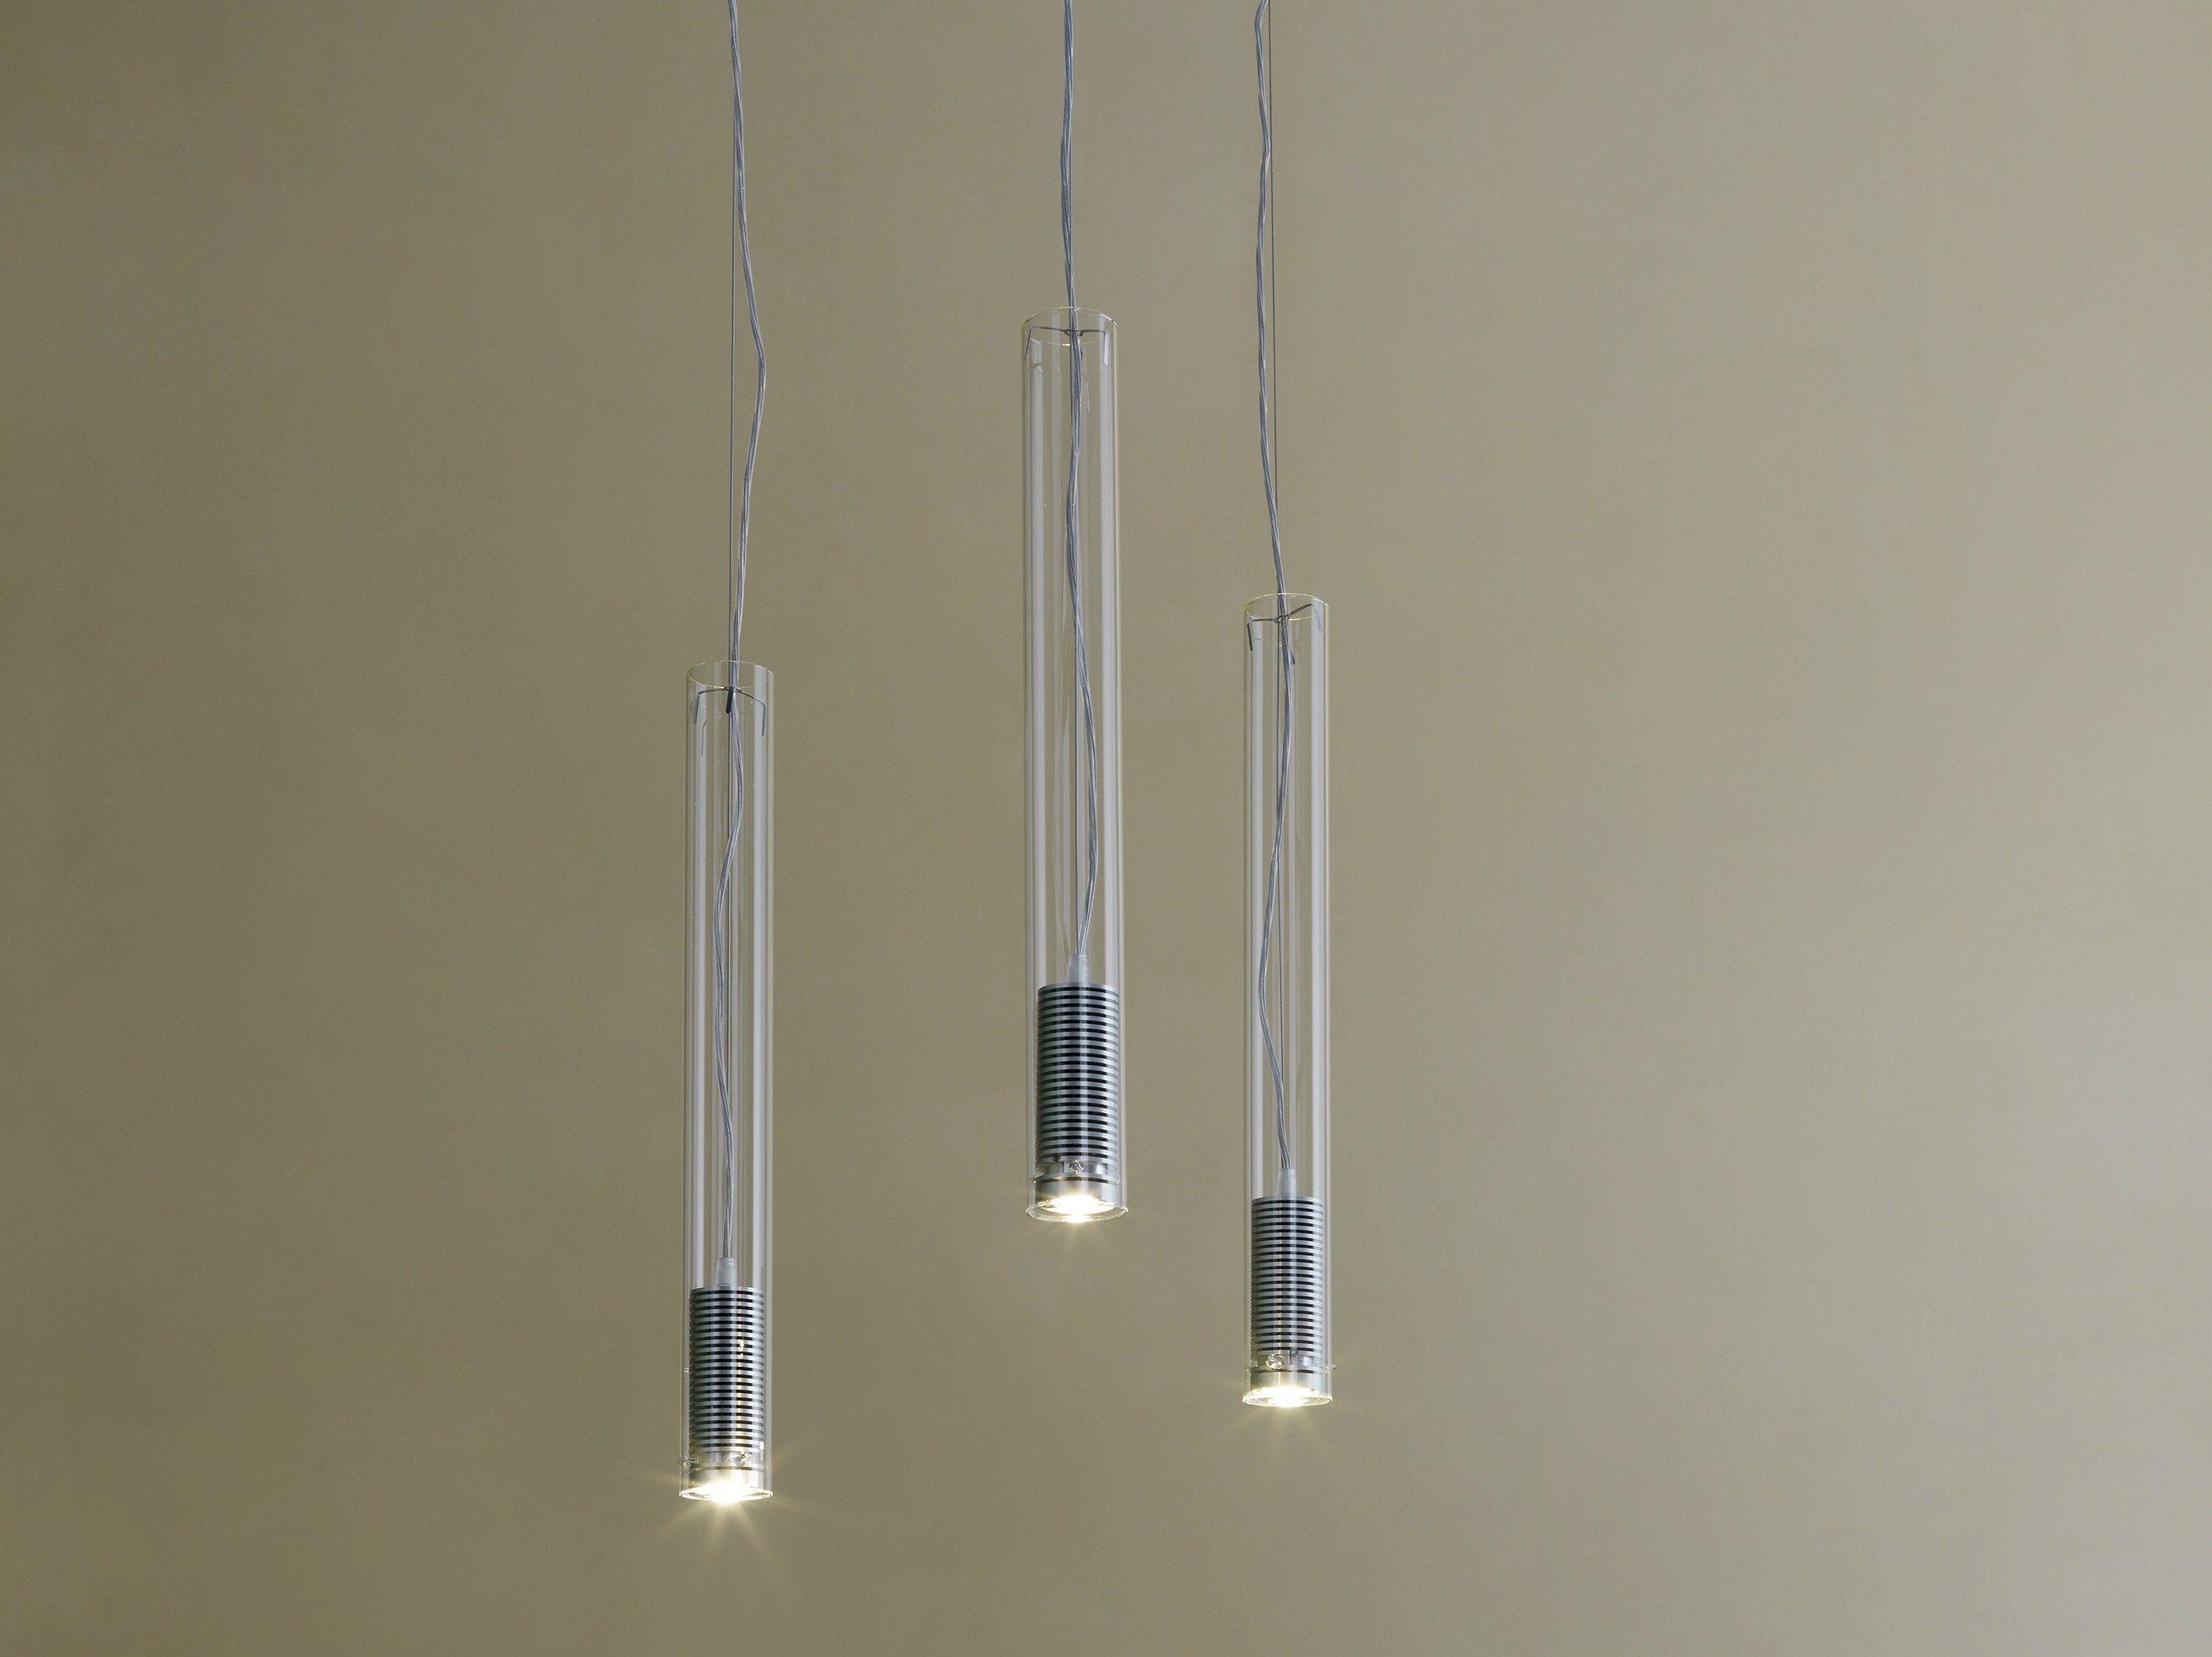 Lampada a sospensione a LED TUBO LED by FontanaArte design Ufficio Tecnico